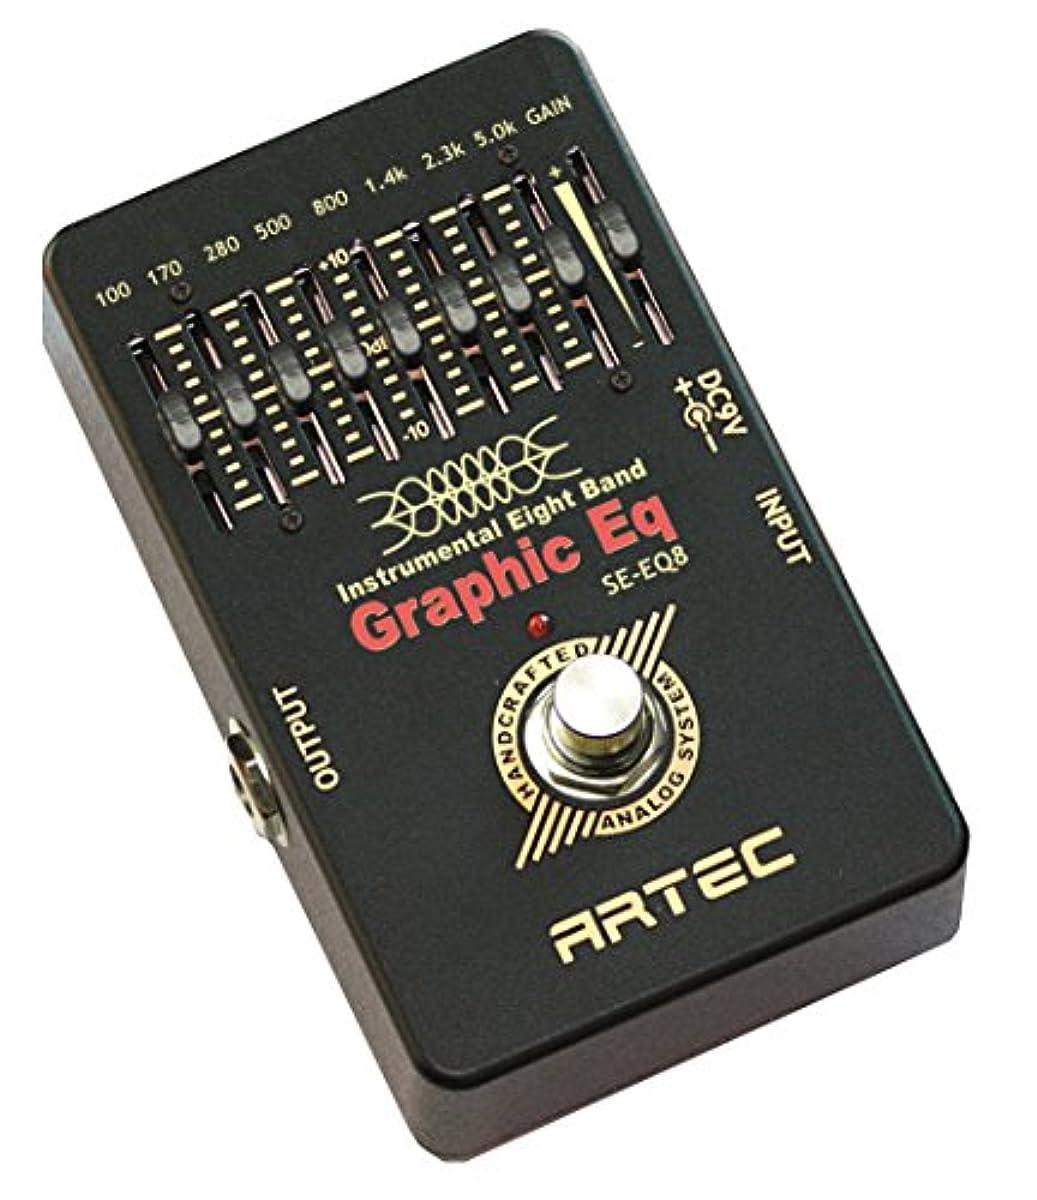 [해외] ARTEC 이펙터 전기 기퍼터용 8밴드 그래픽 이퀄라이저 SE-EQ8